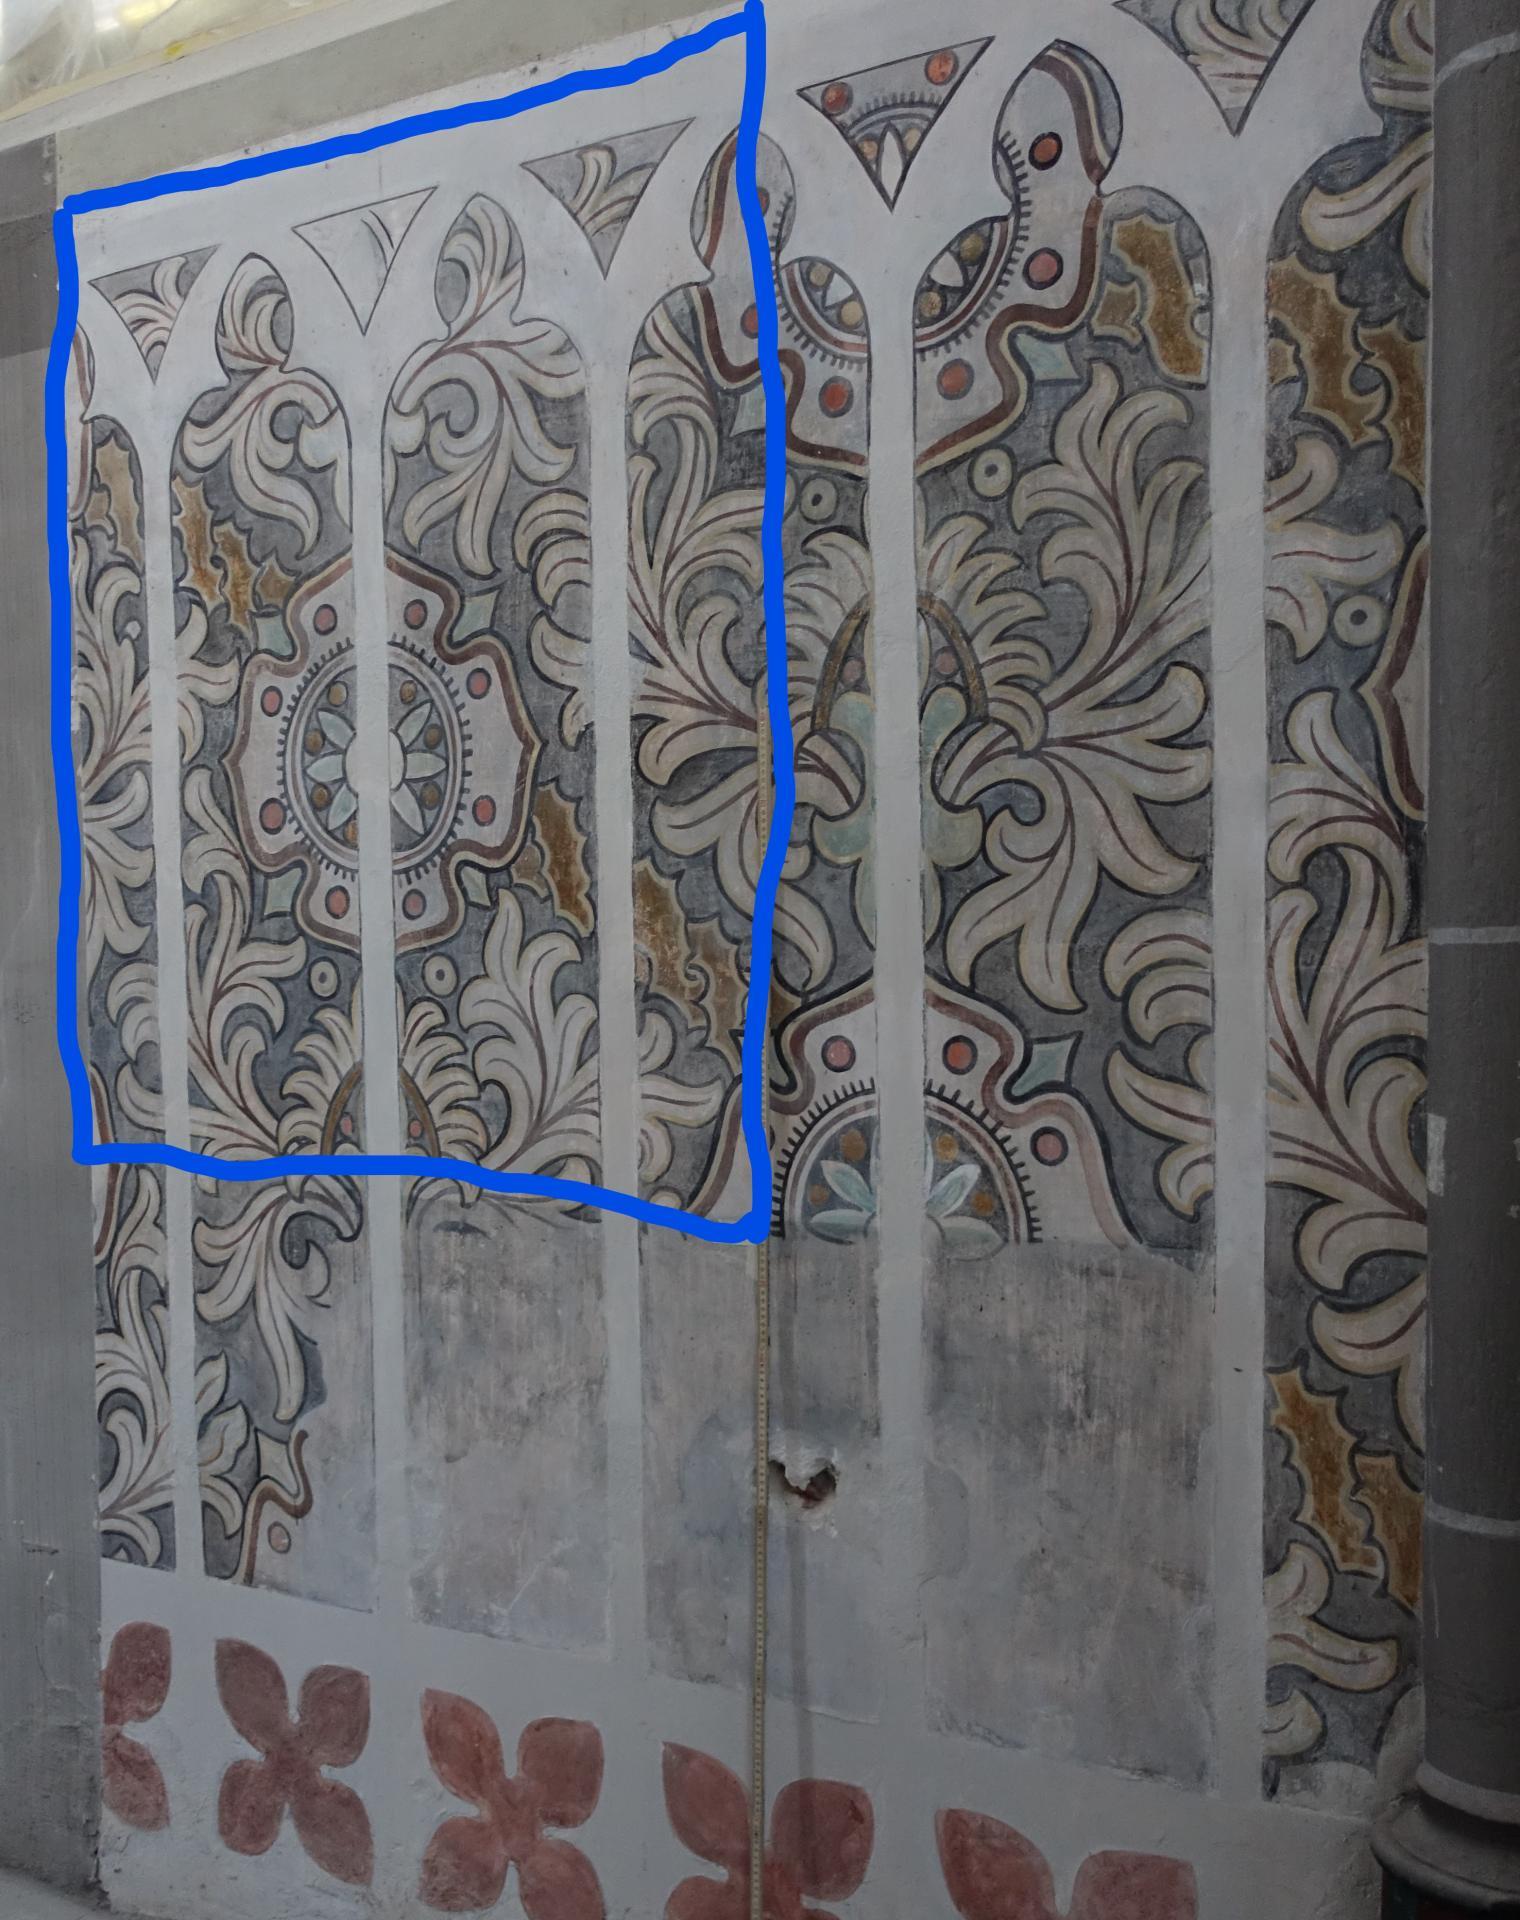 Bild 153 zeigt die von Anja Stadler freigelegte blumige Wandbemalung aus 1844- sie wird blau umrandet so belassen werden.